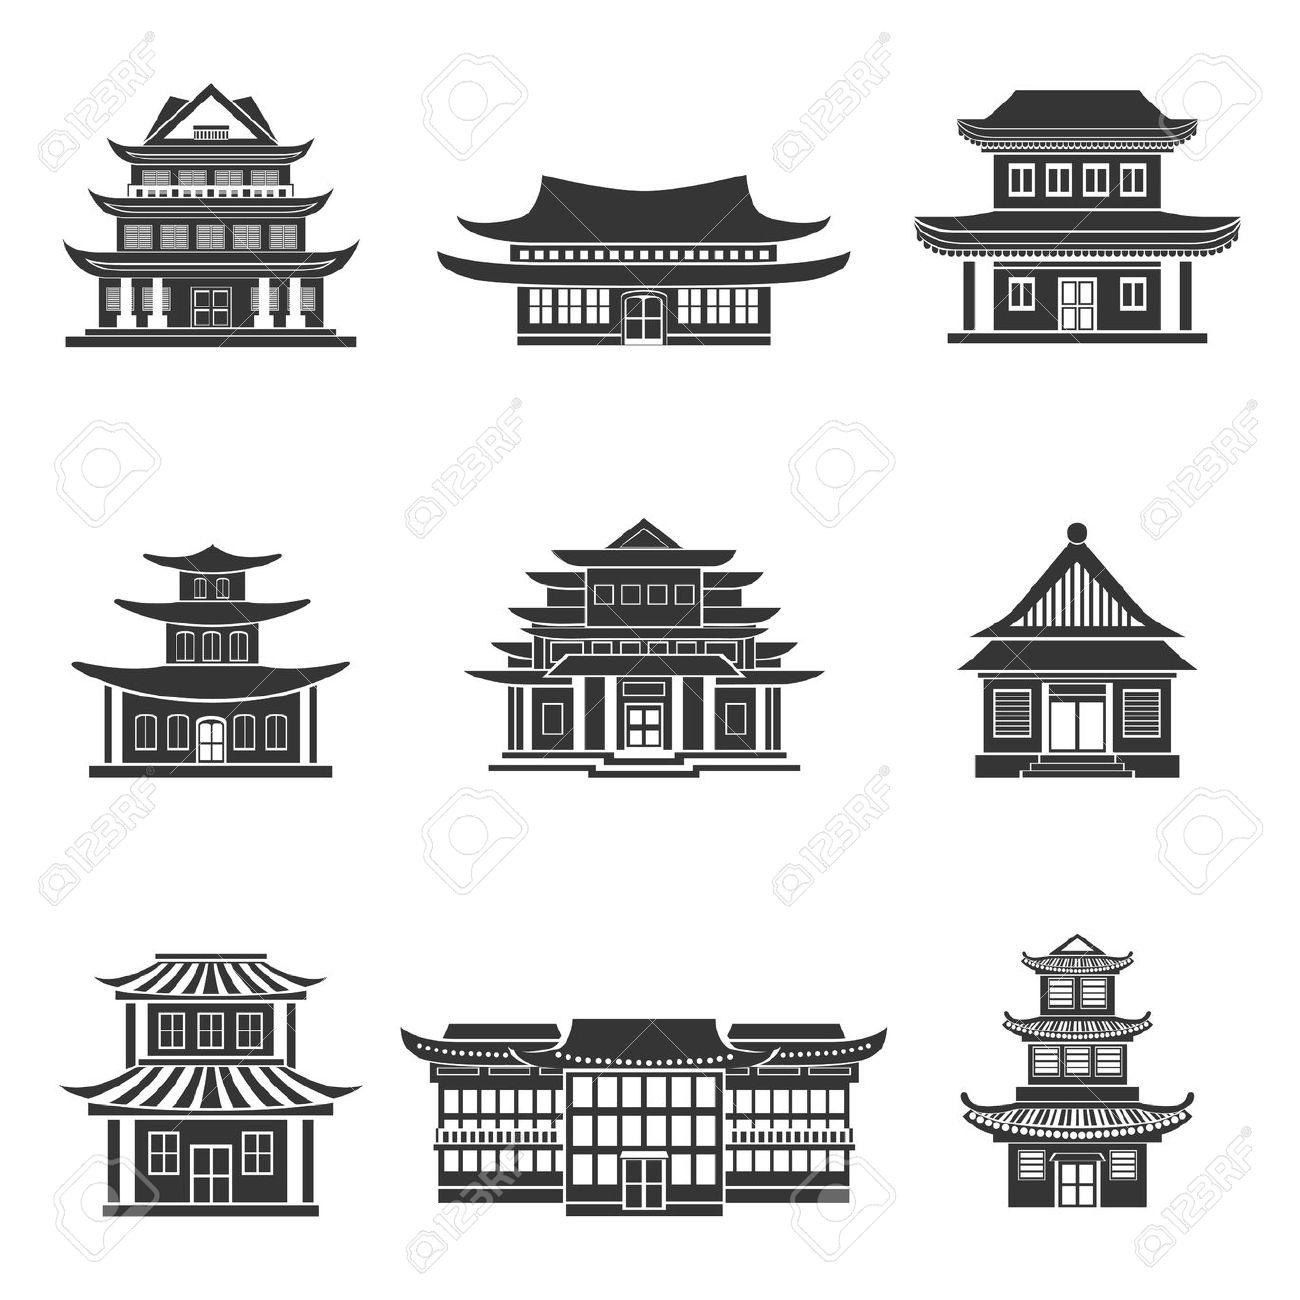 Chinesisches haus clipart svg download Chinesisches Haus Antiken Tempeln Traditionellen Orientalischen ... svg download